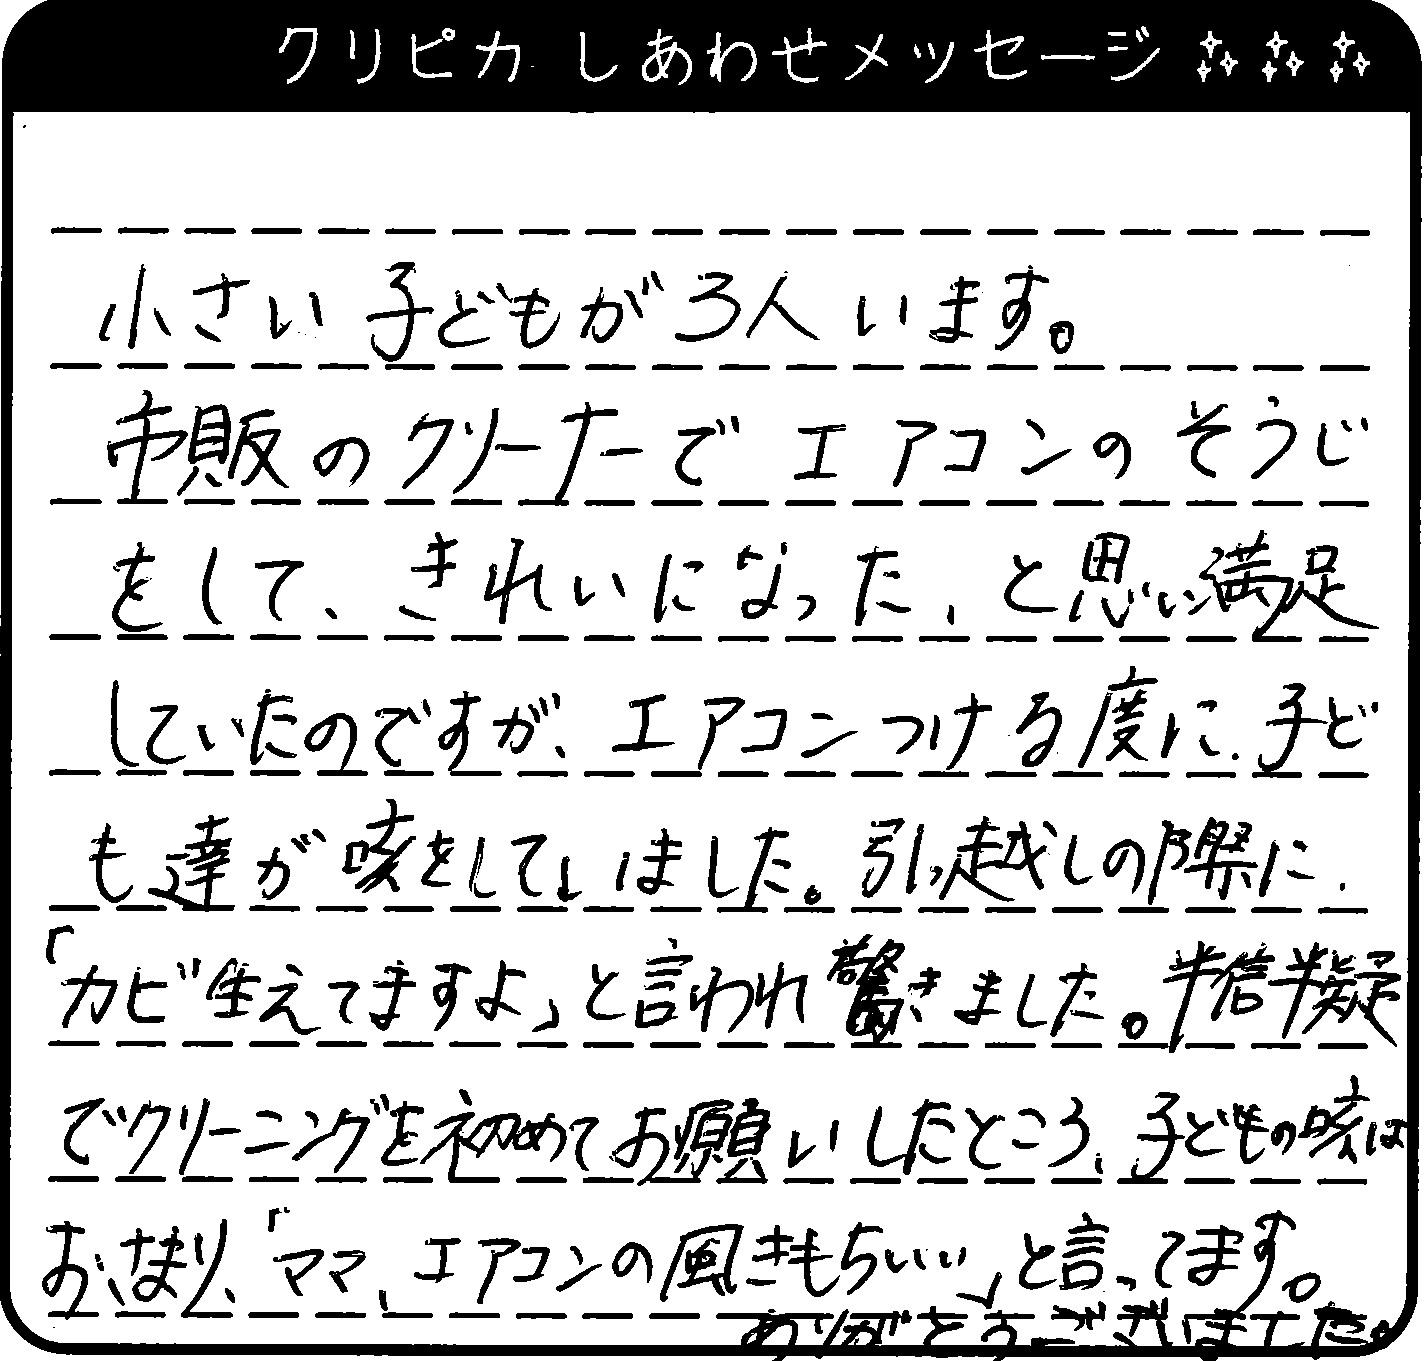 長崎県 M様からのしあわせメッセージ